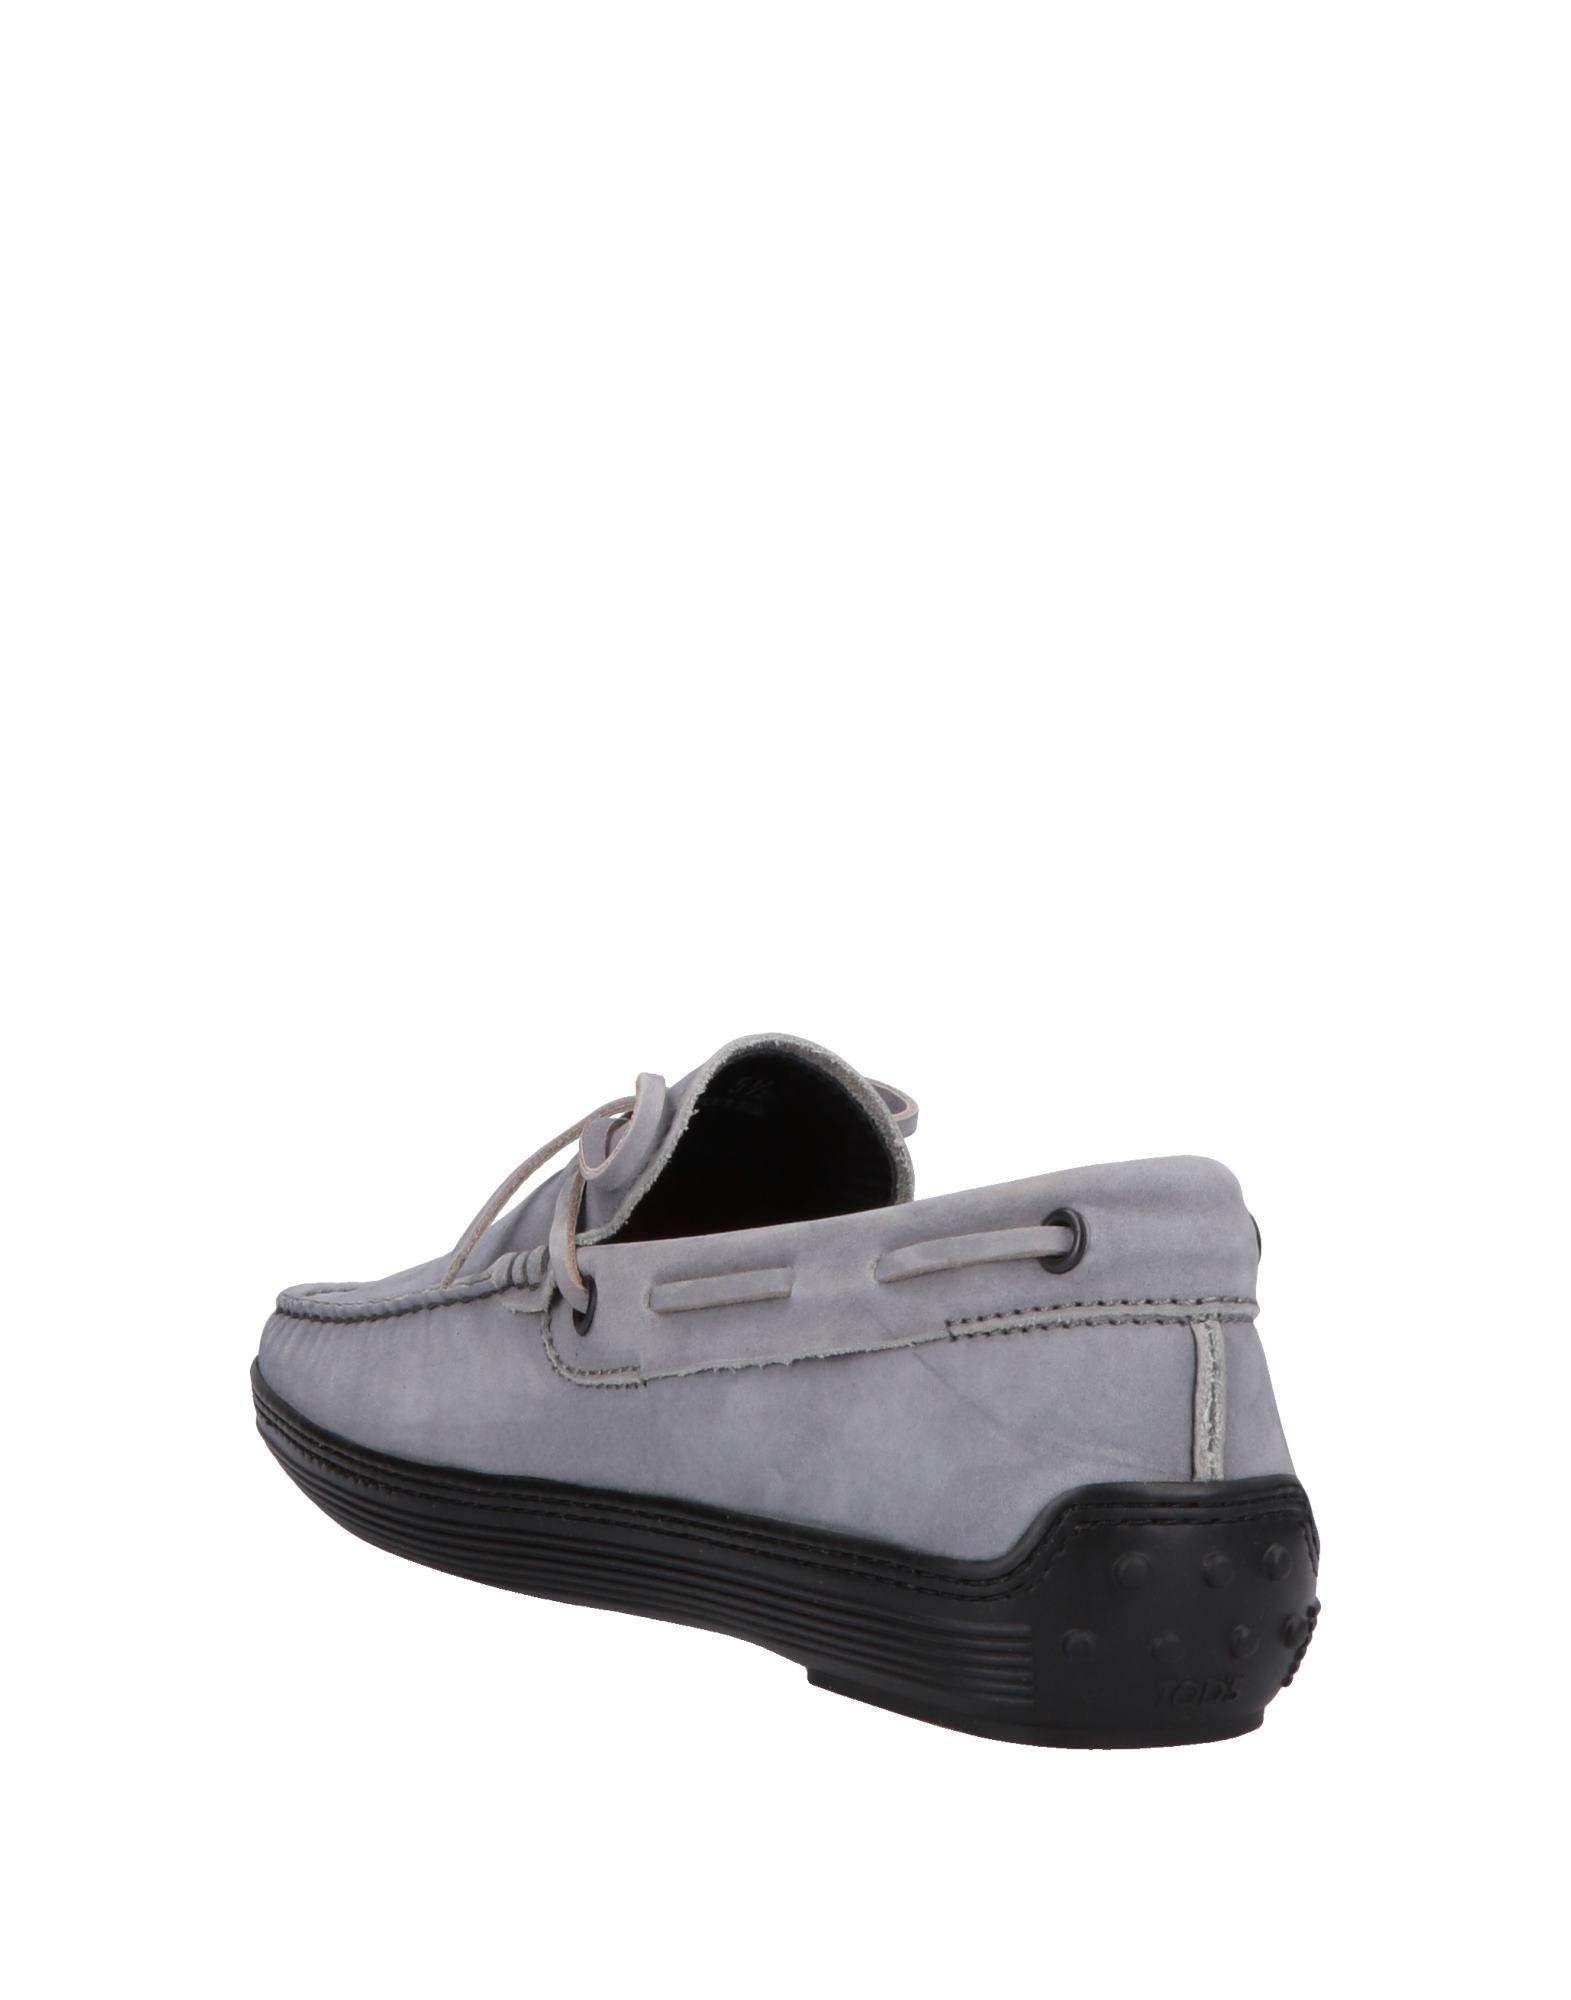 Tod's 11398697TC Mokassins Herren  11398697TC Tod's Gute Qualität beliebte Schuhe 9a42be